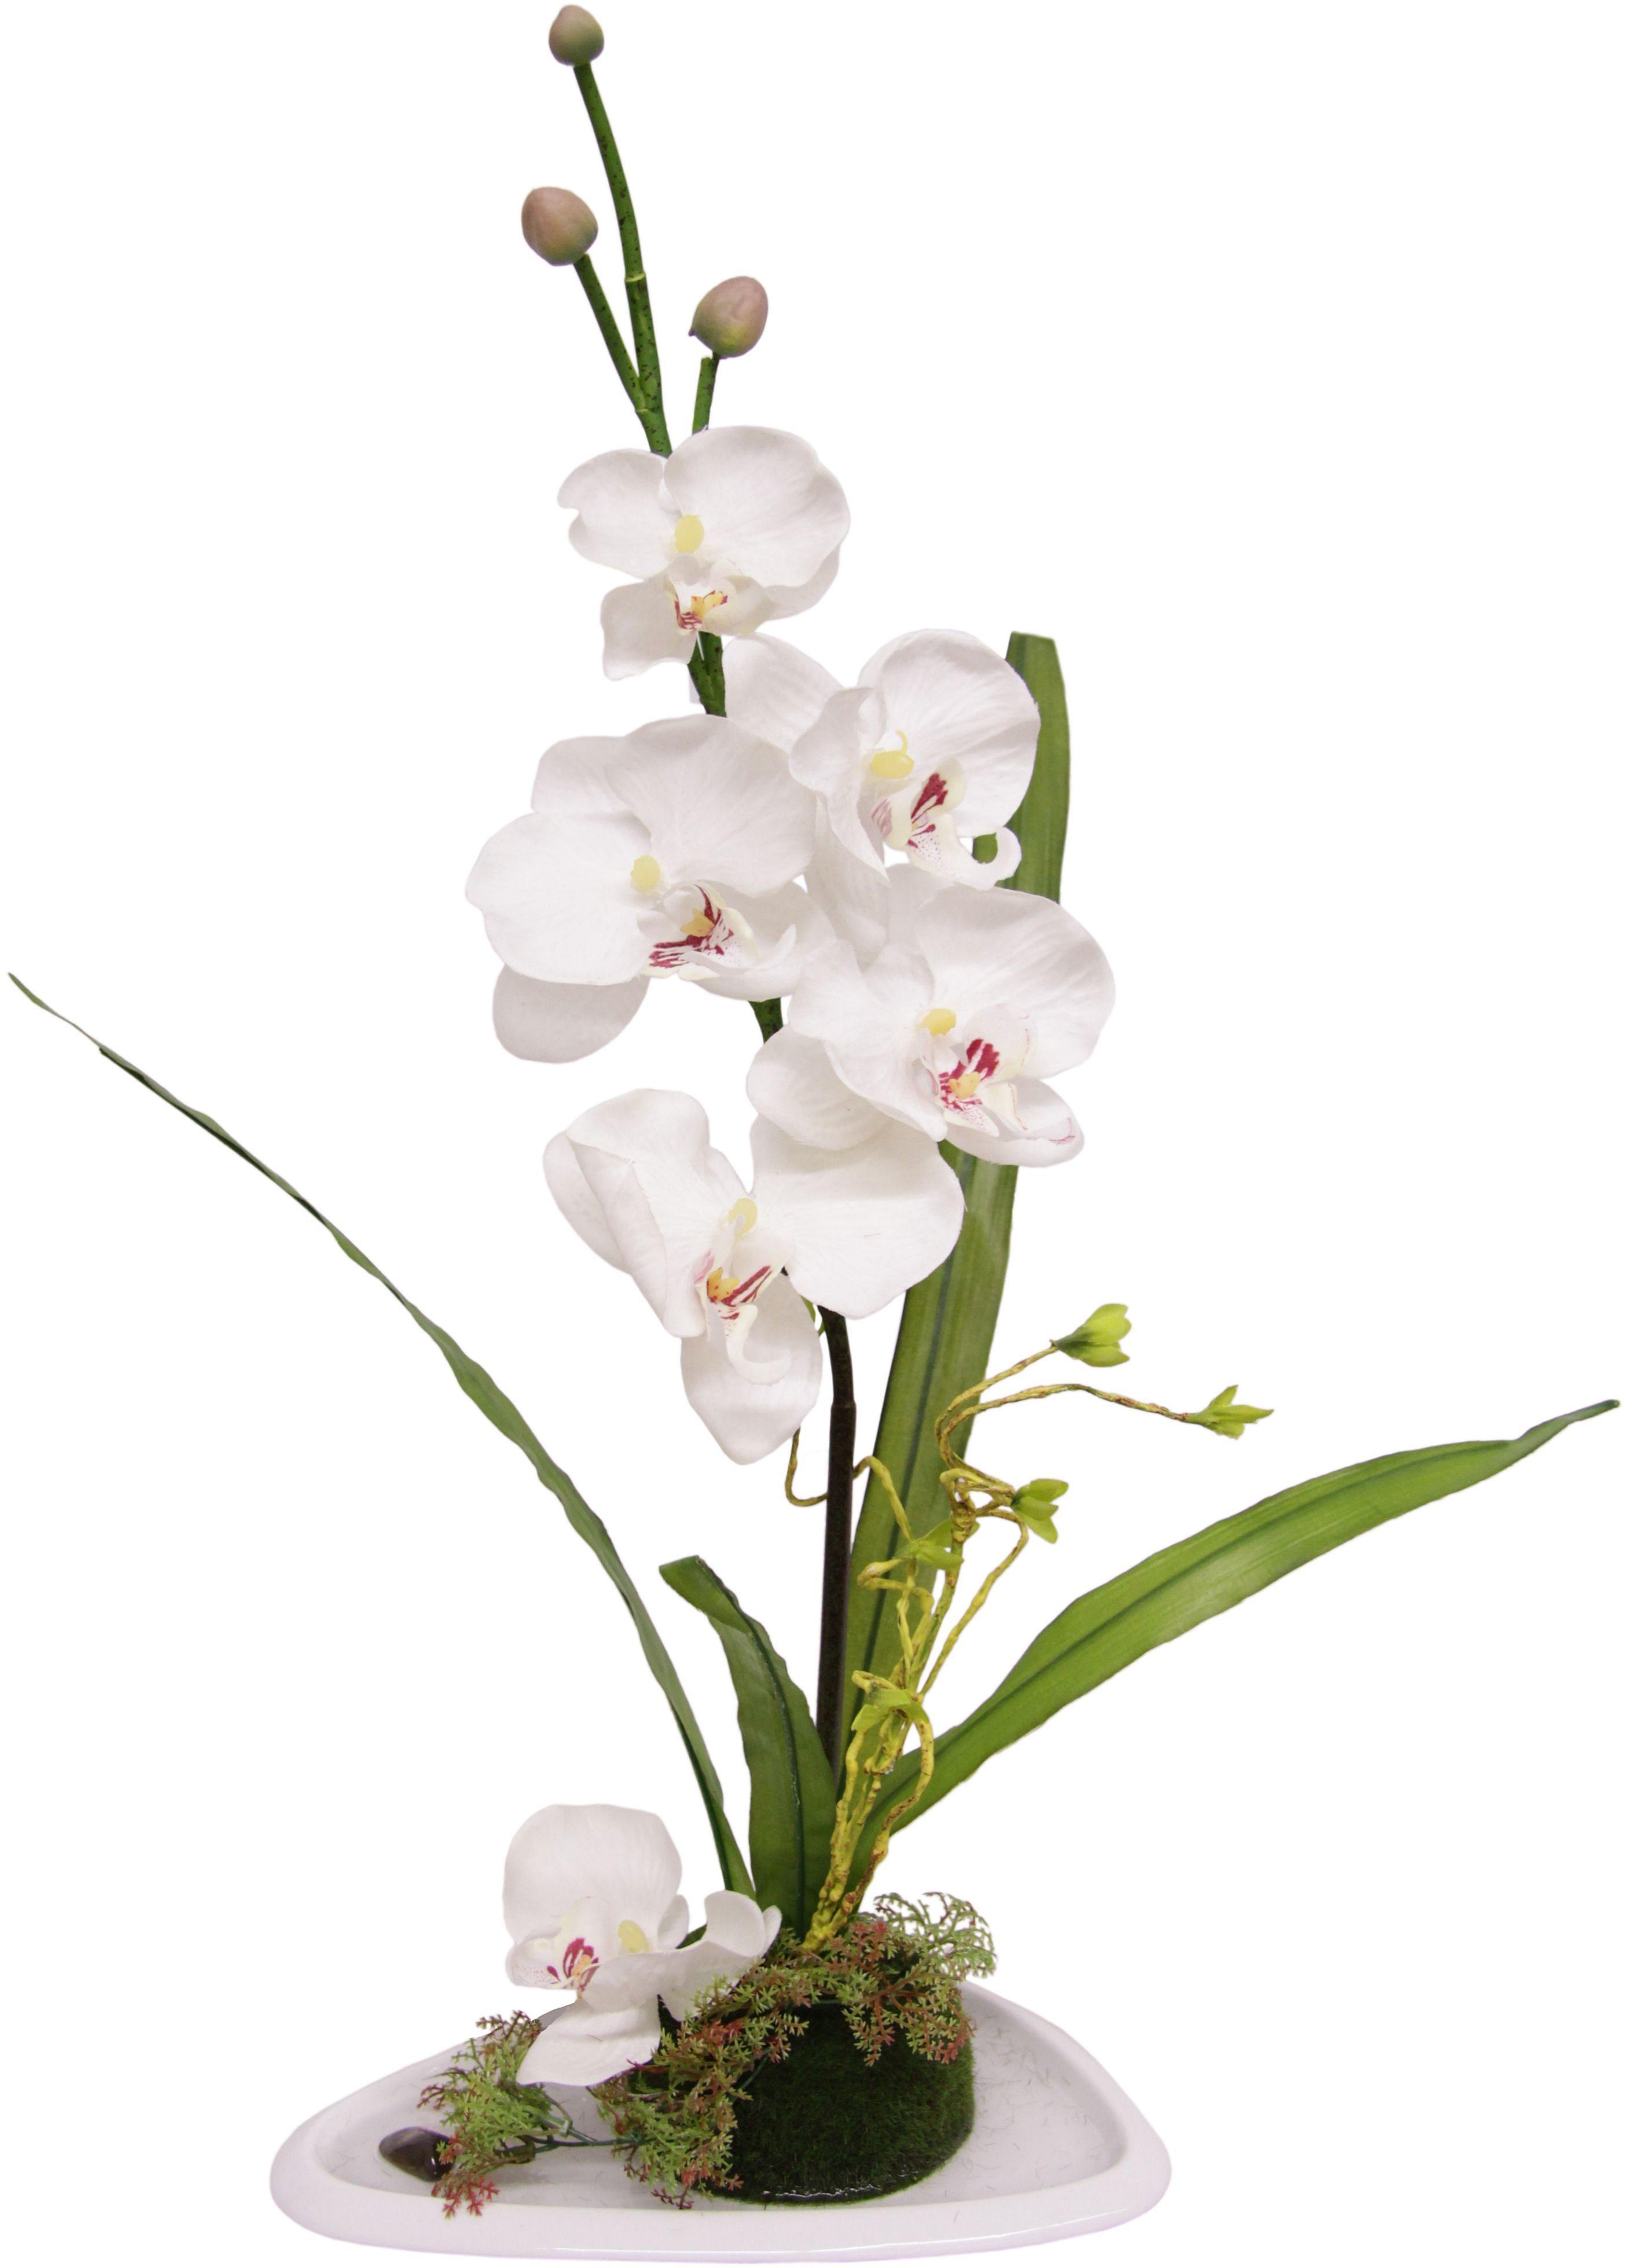 Home affaire Kunstblume »Orchidee« in einer Keramikvase